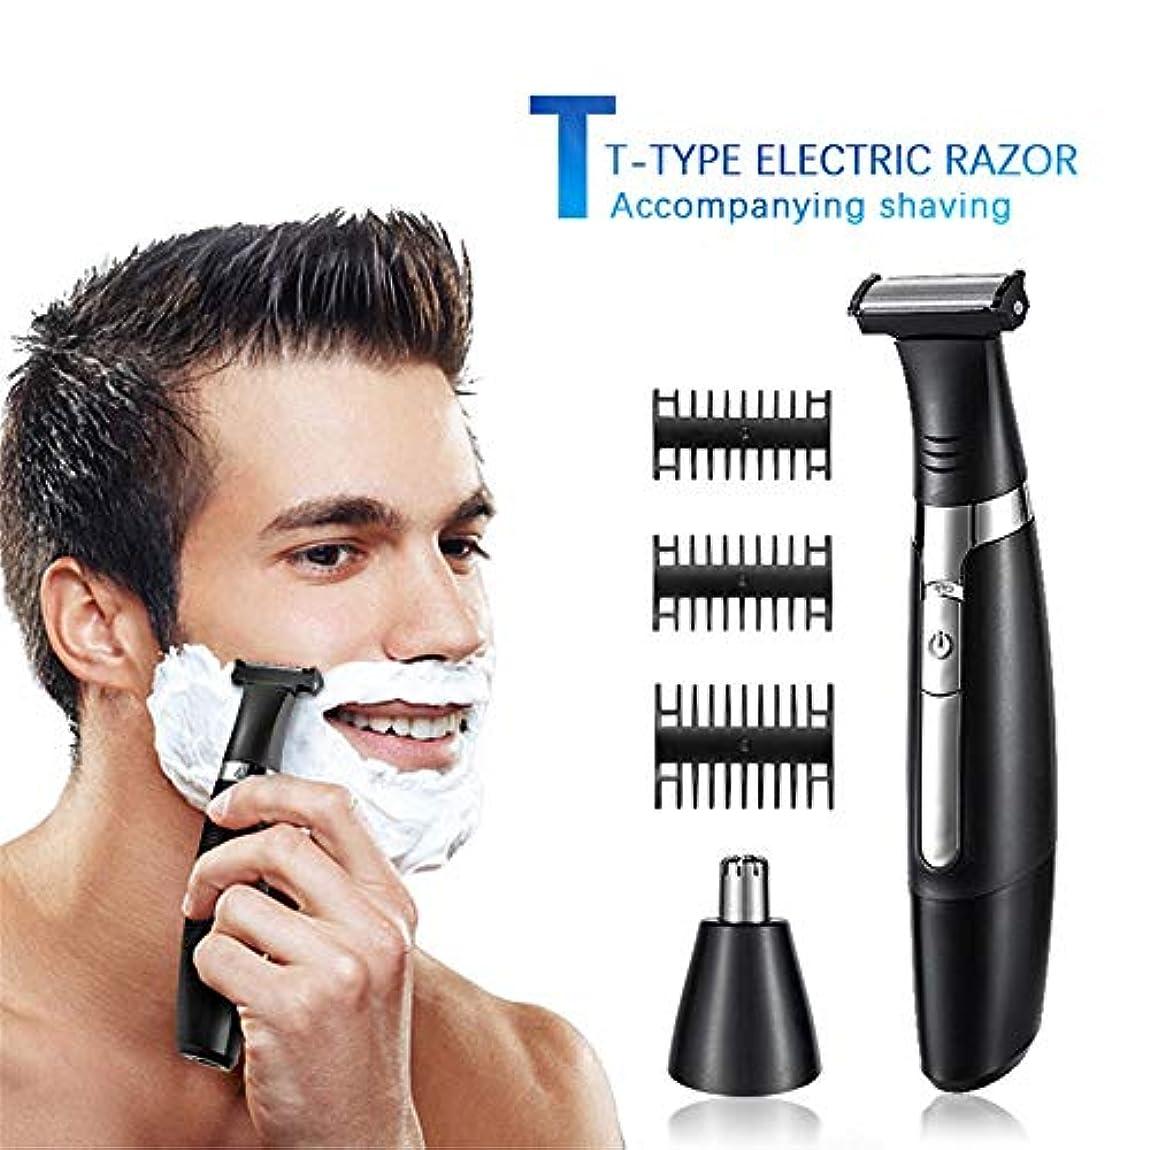 狂信者崇拝する水素1バリカンシェーバーでヒゲトリマー男性、鼻毛トリマー、2、USB充電式グルーミングキット、全身洗える、急速充電